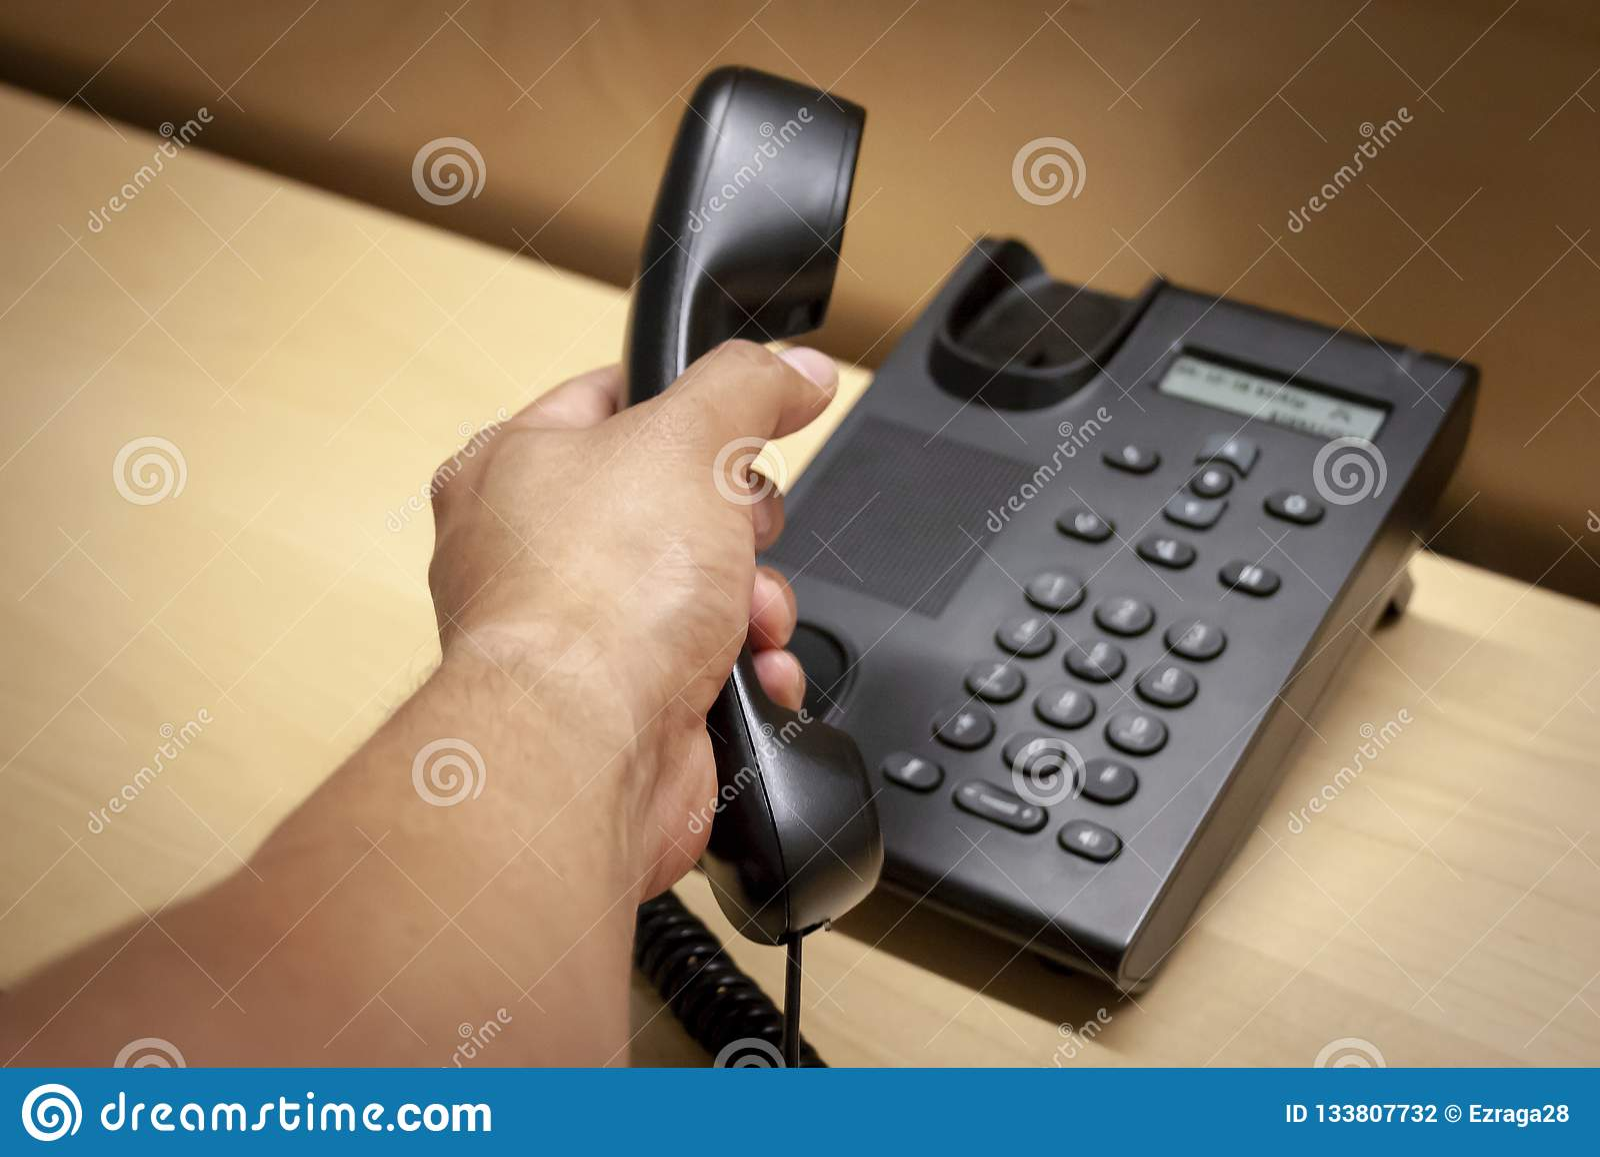 Отвечать звонку от черного телефона